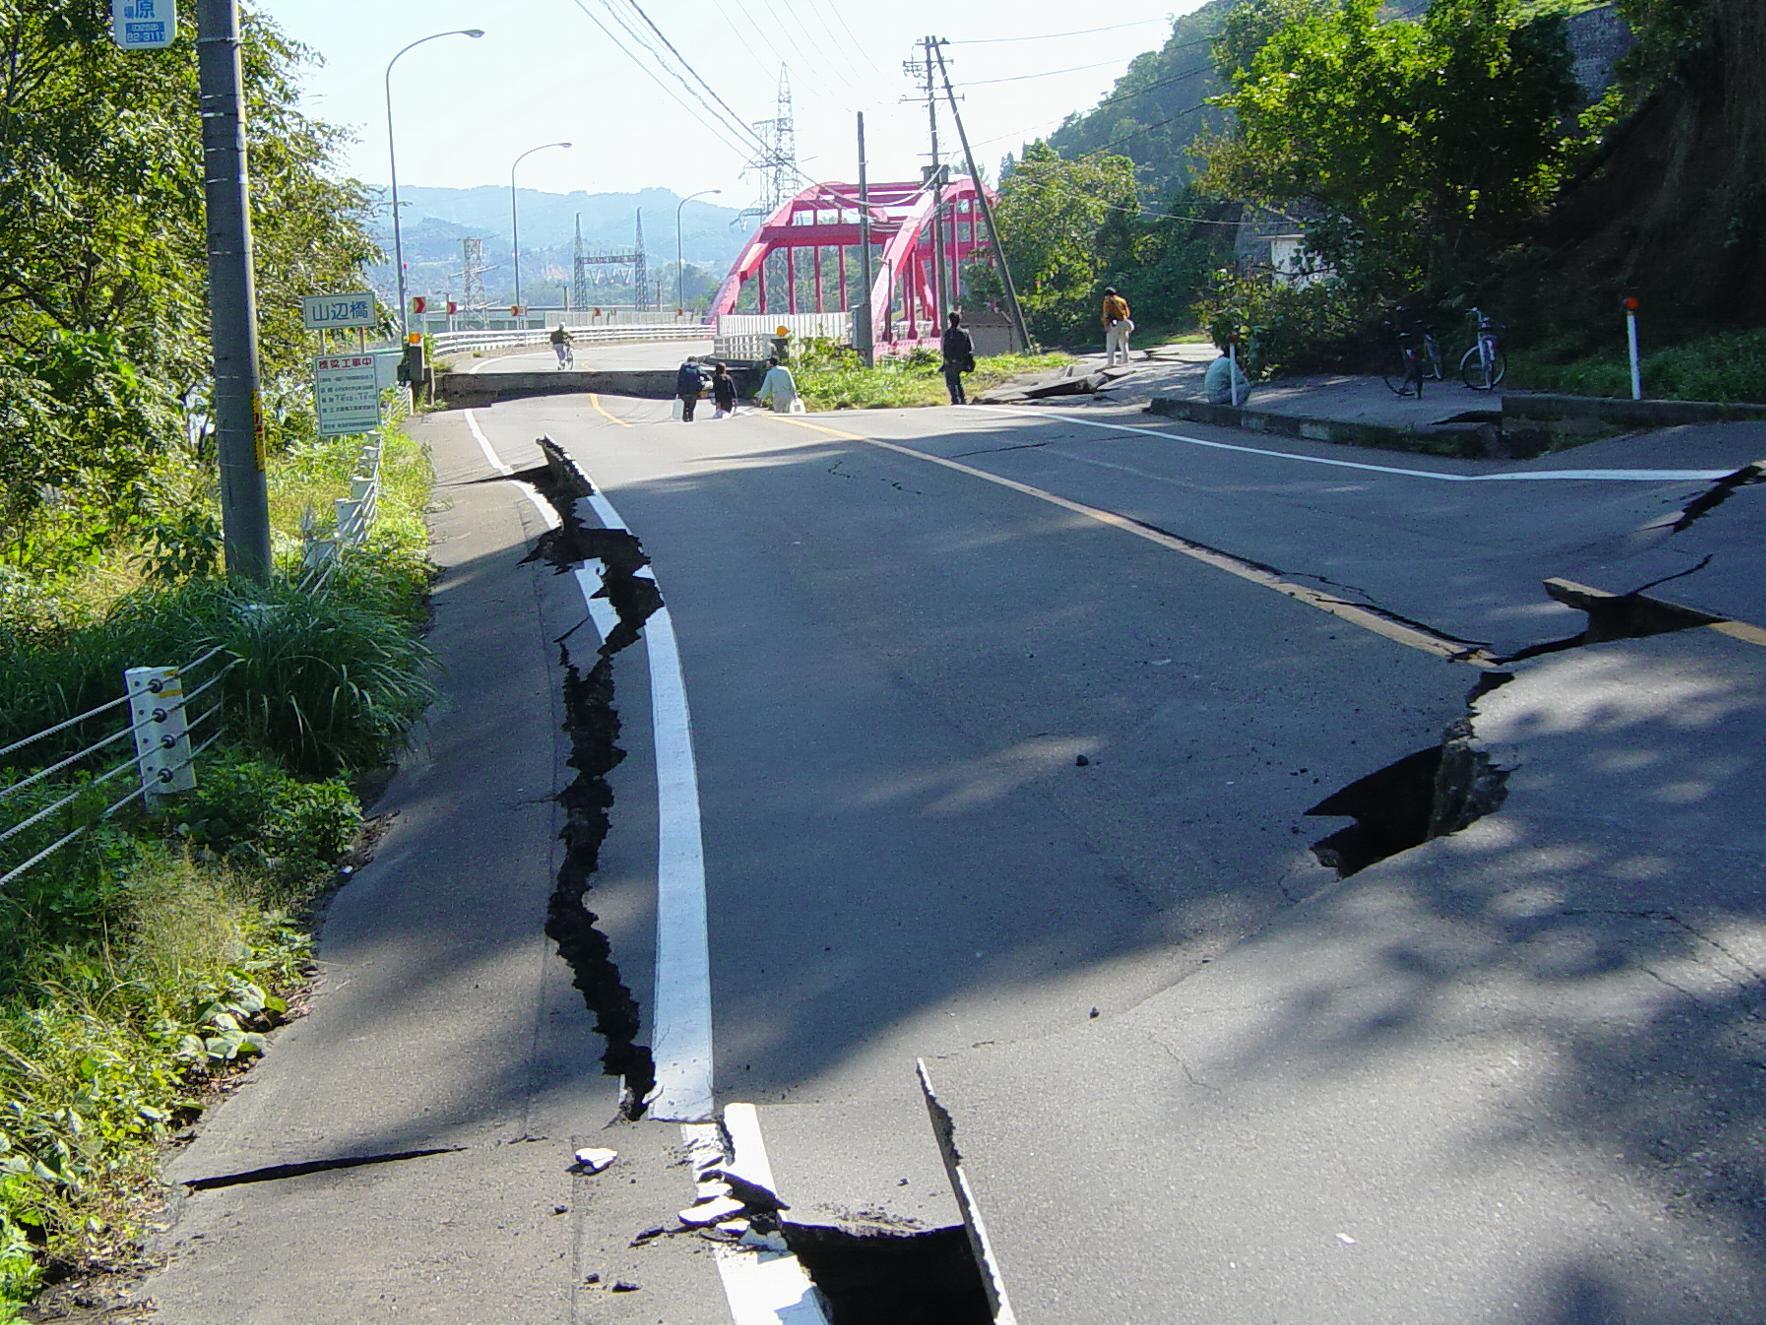 صورة بحث حول الزلازل , تعرف علي الزلزال